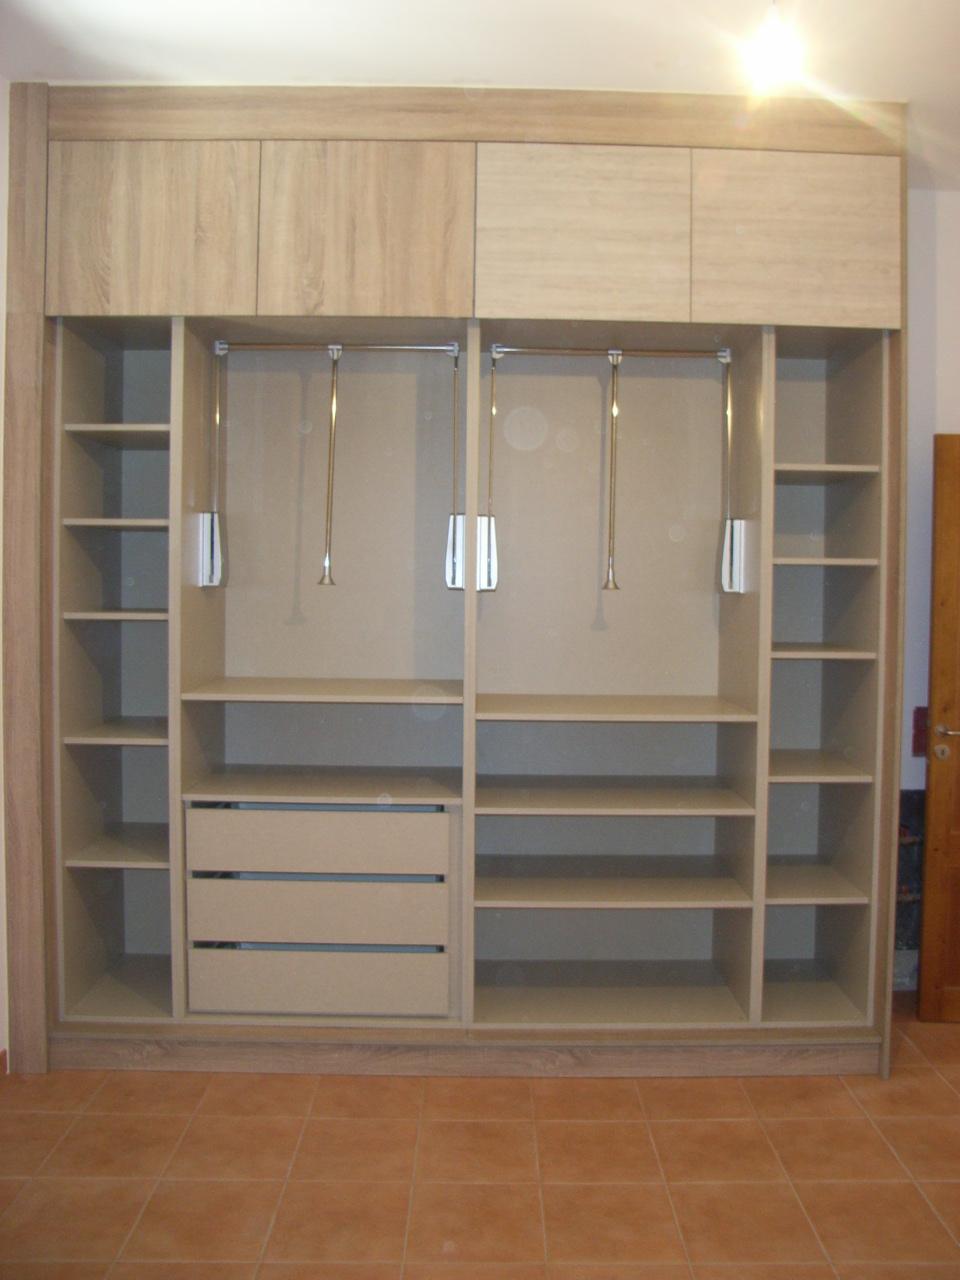 Armarios y vestidores a medida en mallorca presupuesto de for Accesorios para interiores de armarios de cocina